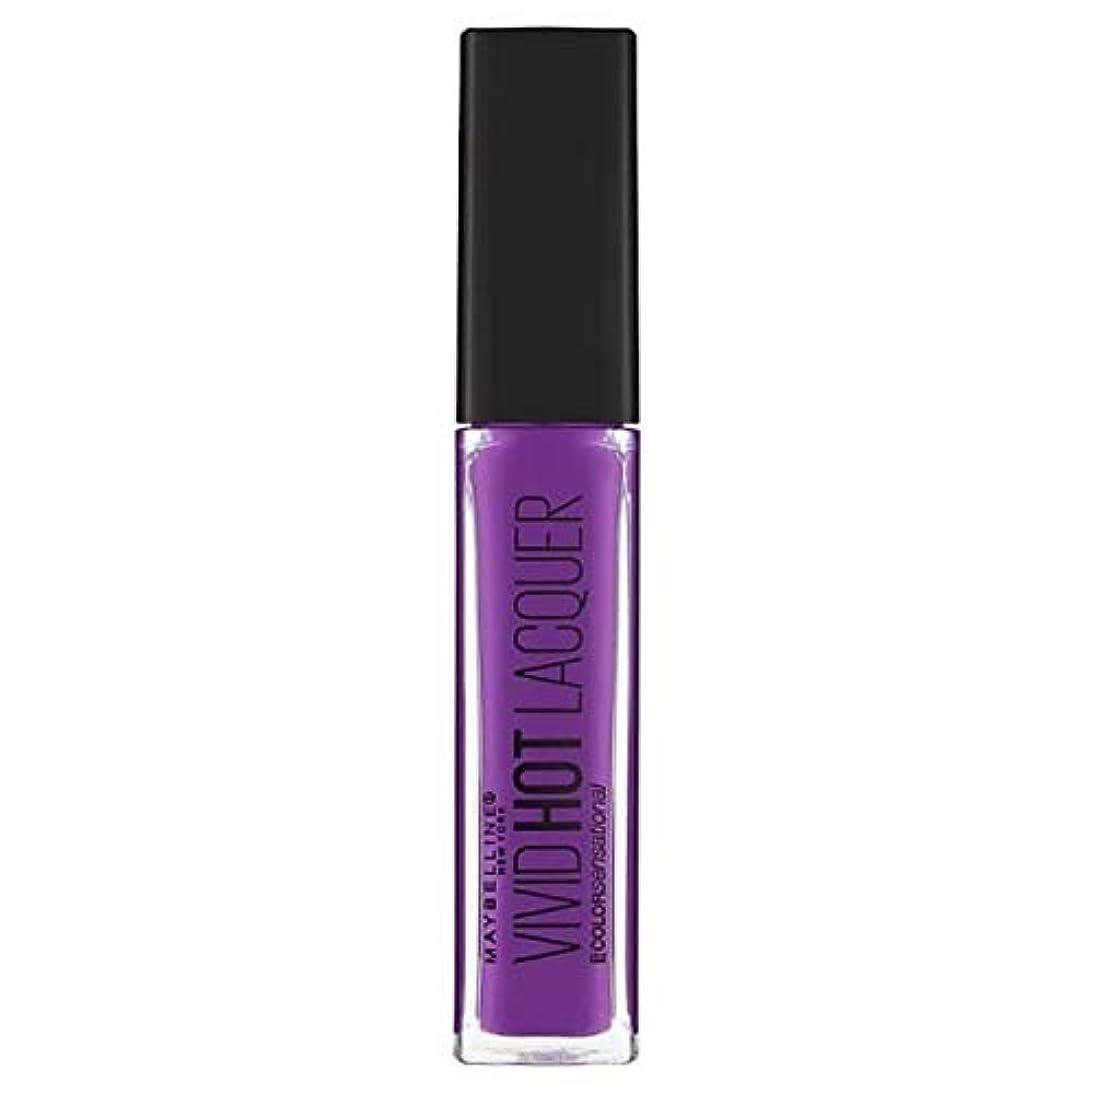 邪魔協力するペン[Maybelline ] メイベリンの色鮮やかなセンセーショナルなホットラッカー王室 - Maybelline Color Sensational Vivid Hot Lacquer Royal [並行輸入品]